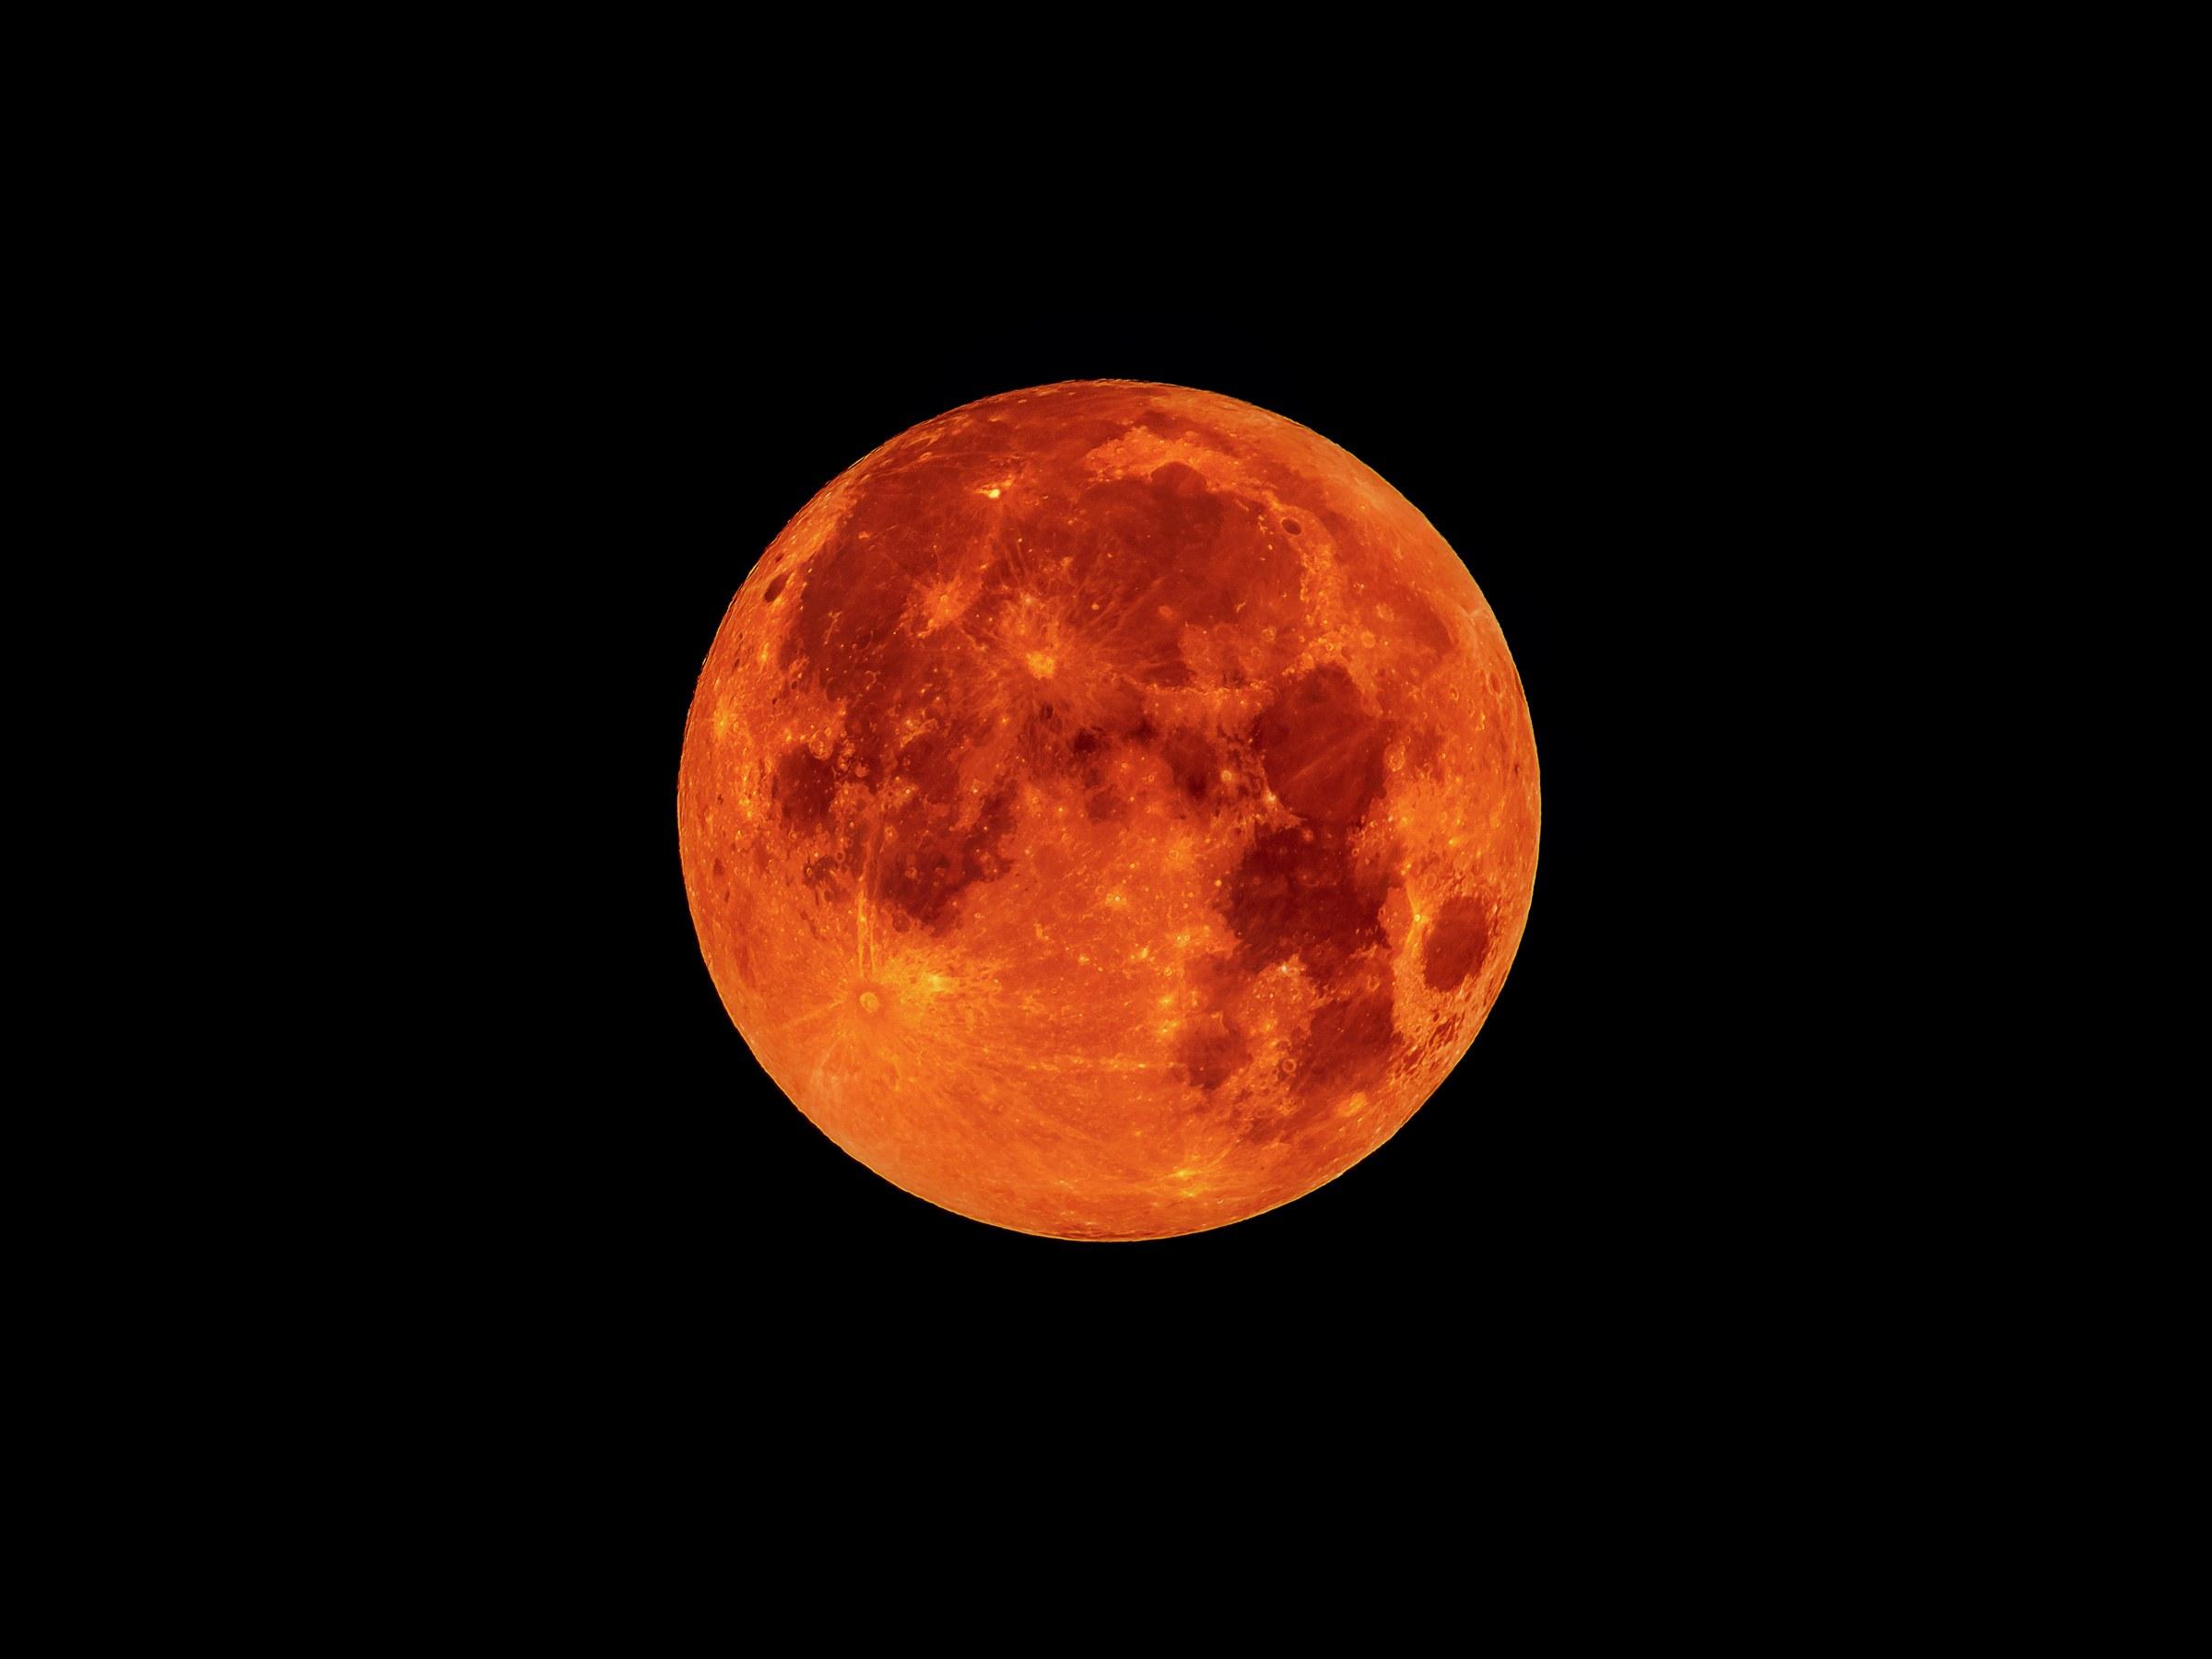 Ảnh trăng đẹp